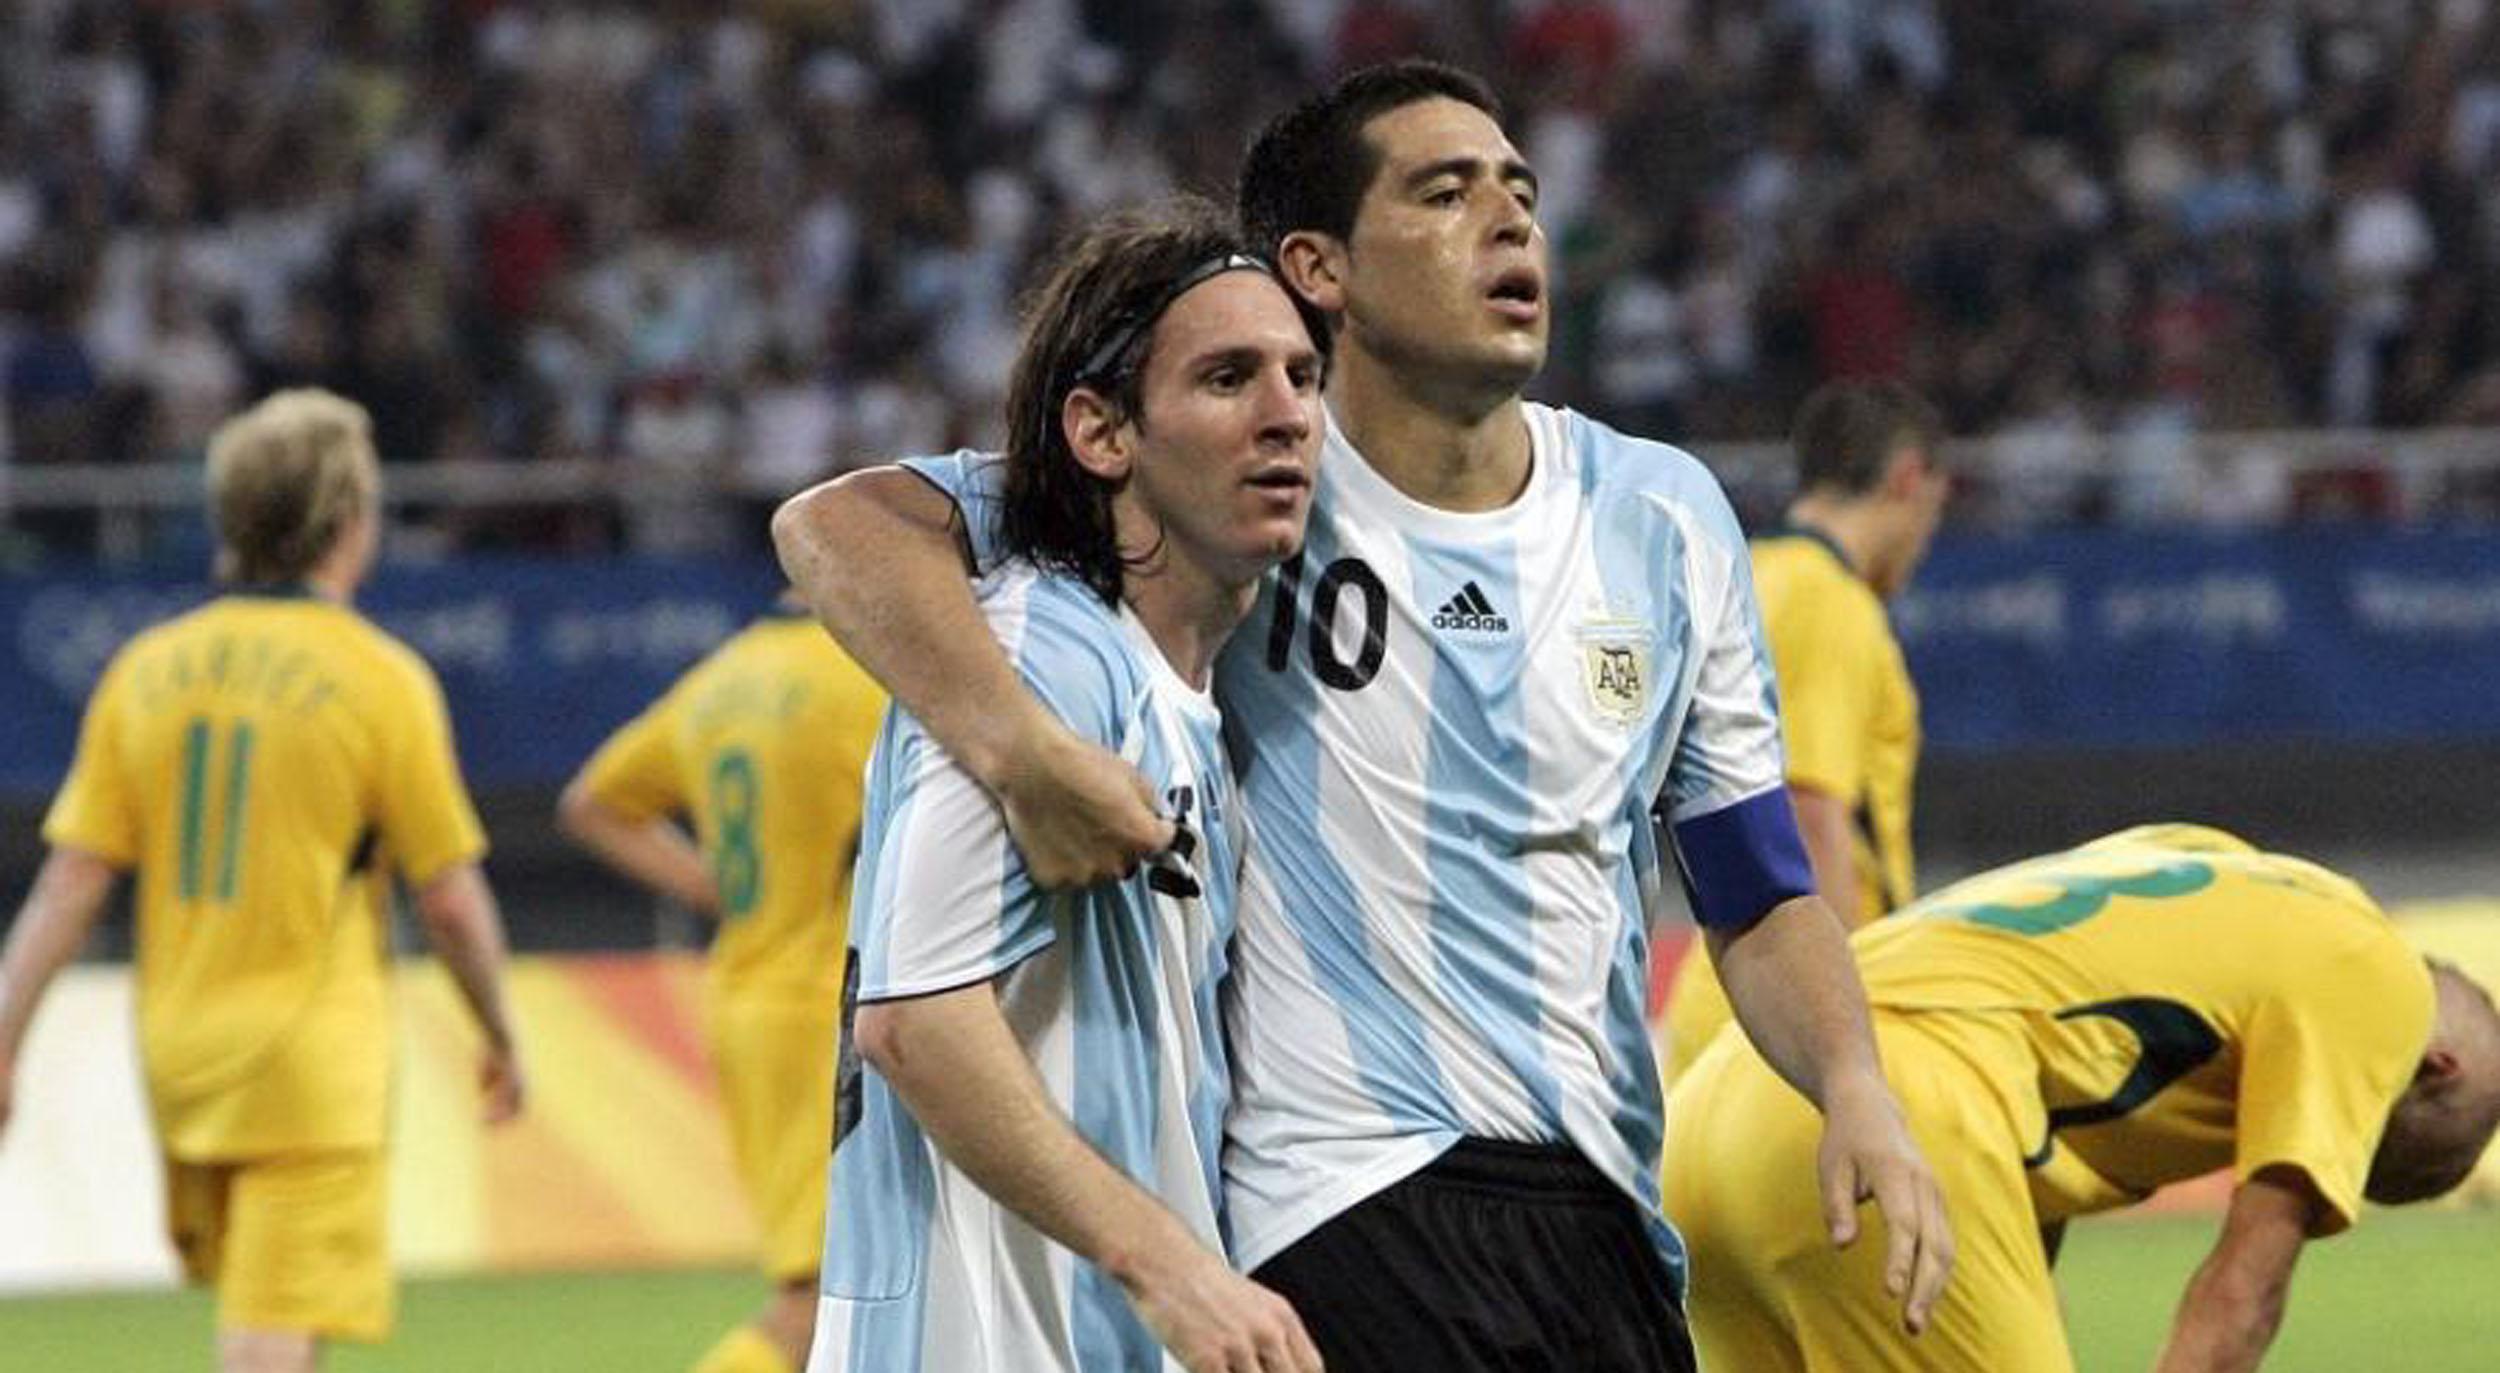 El pedido de Messi a Riquelme para su partido despedida de Boca